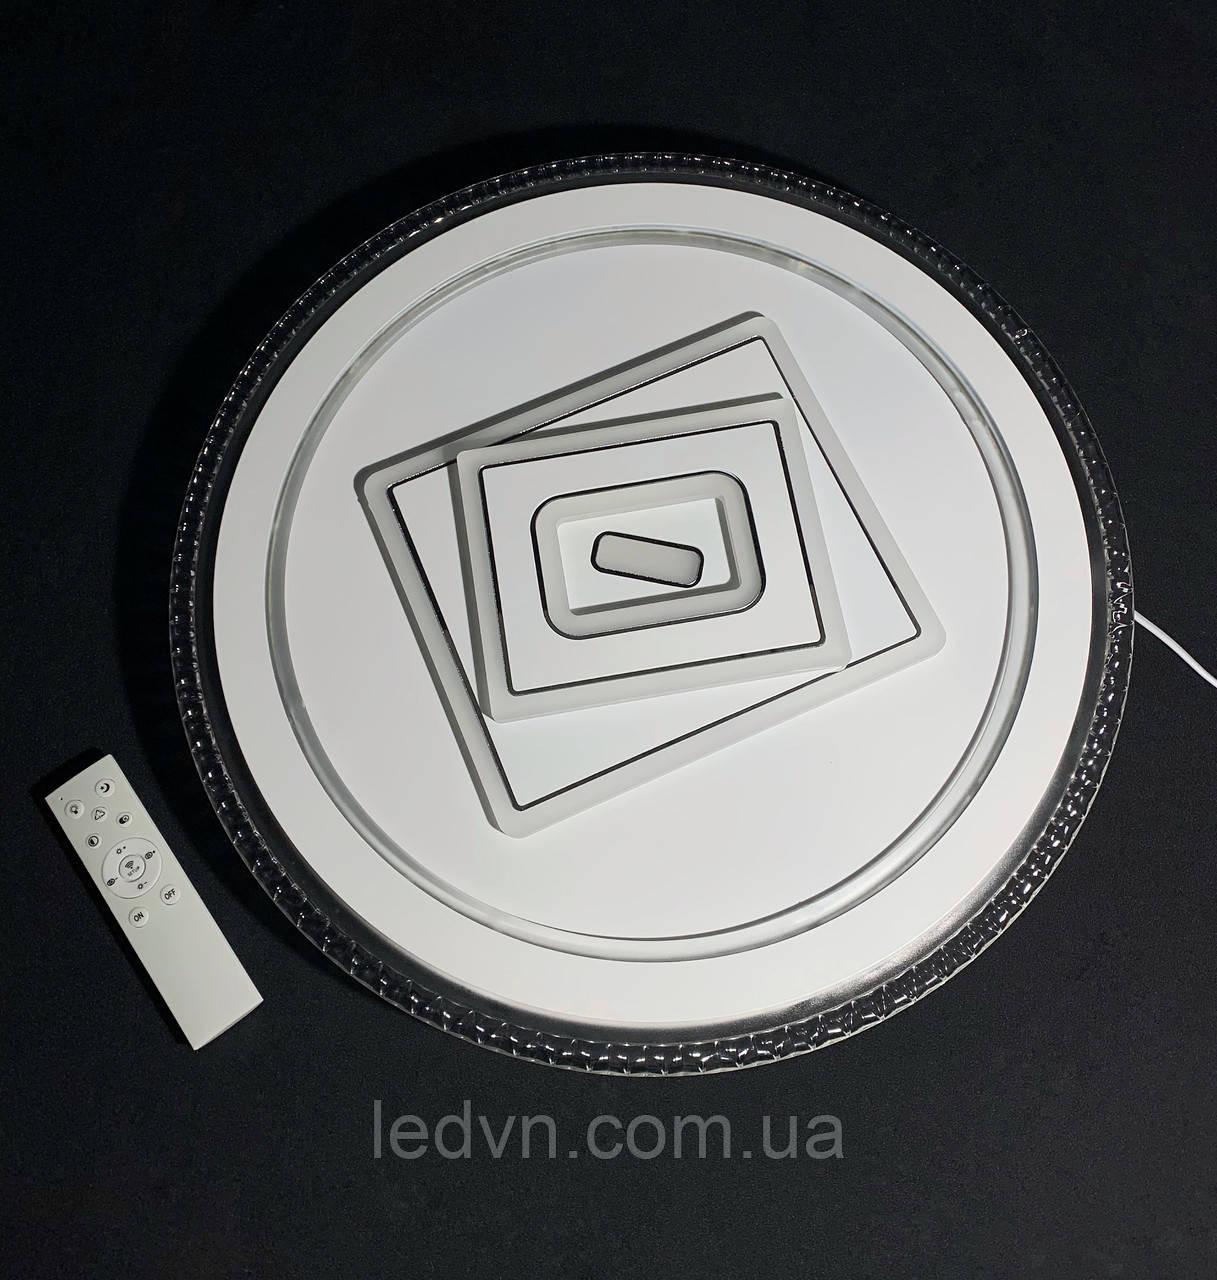 Светодиодный потолочный светильник круг белый 120 ватт